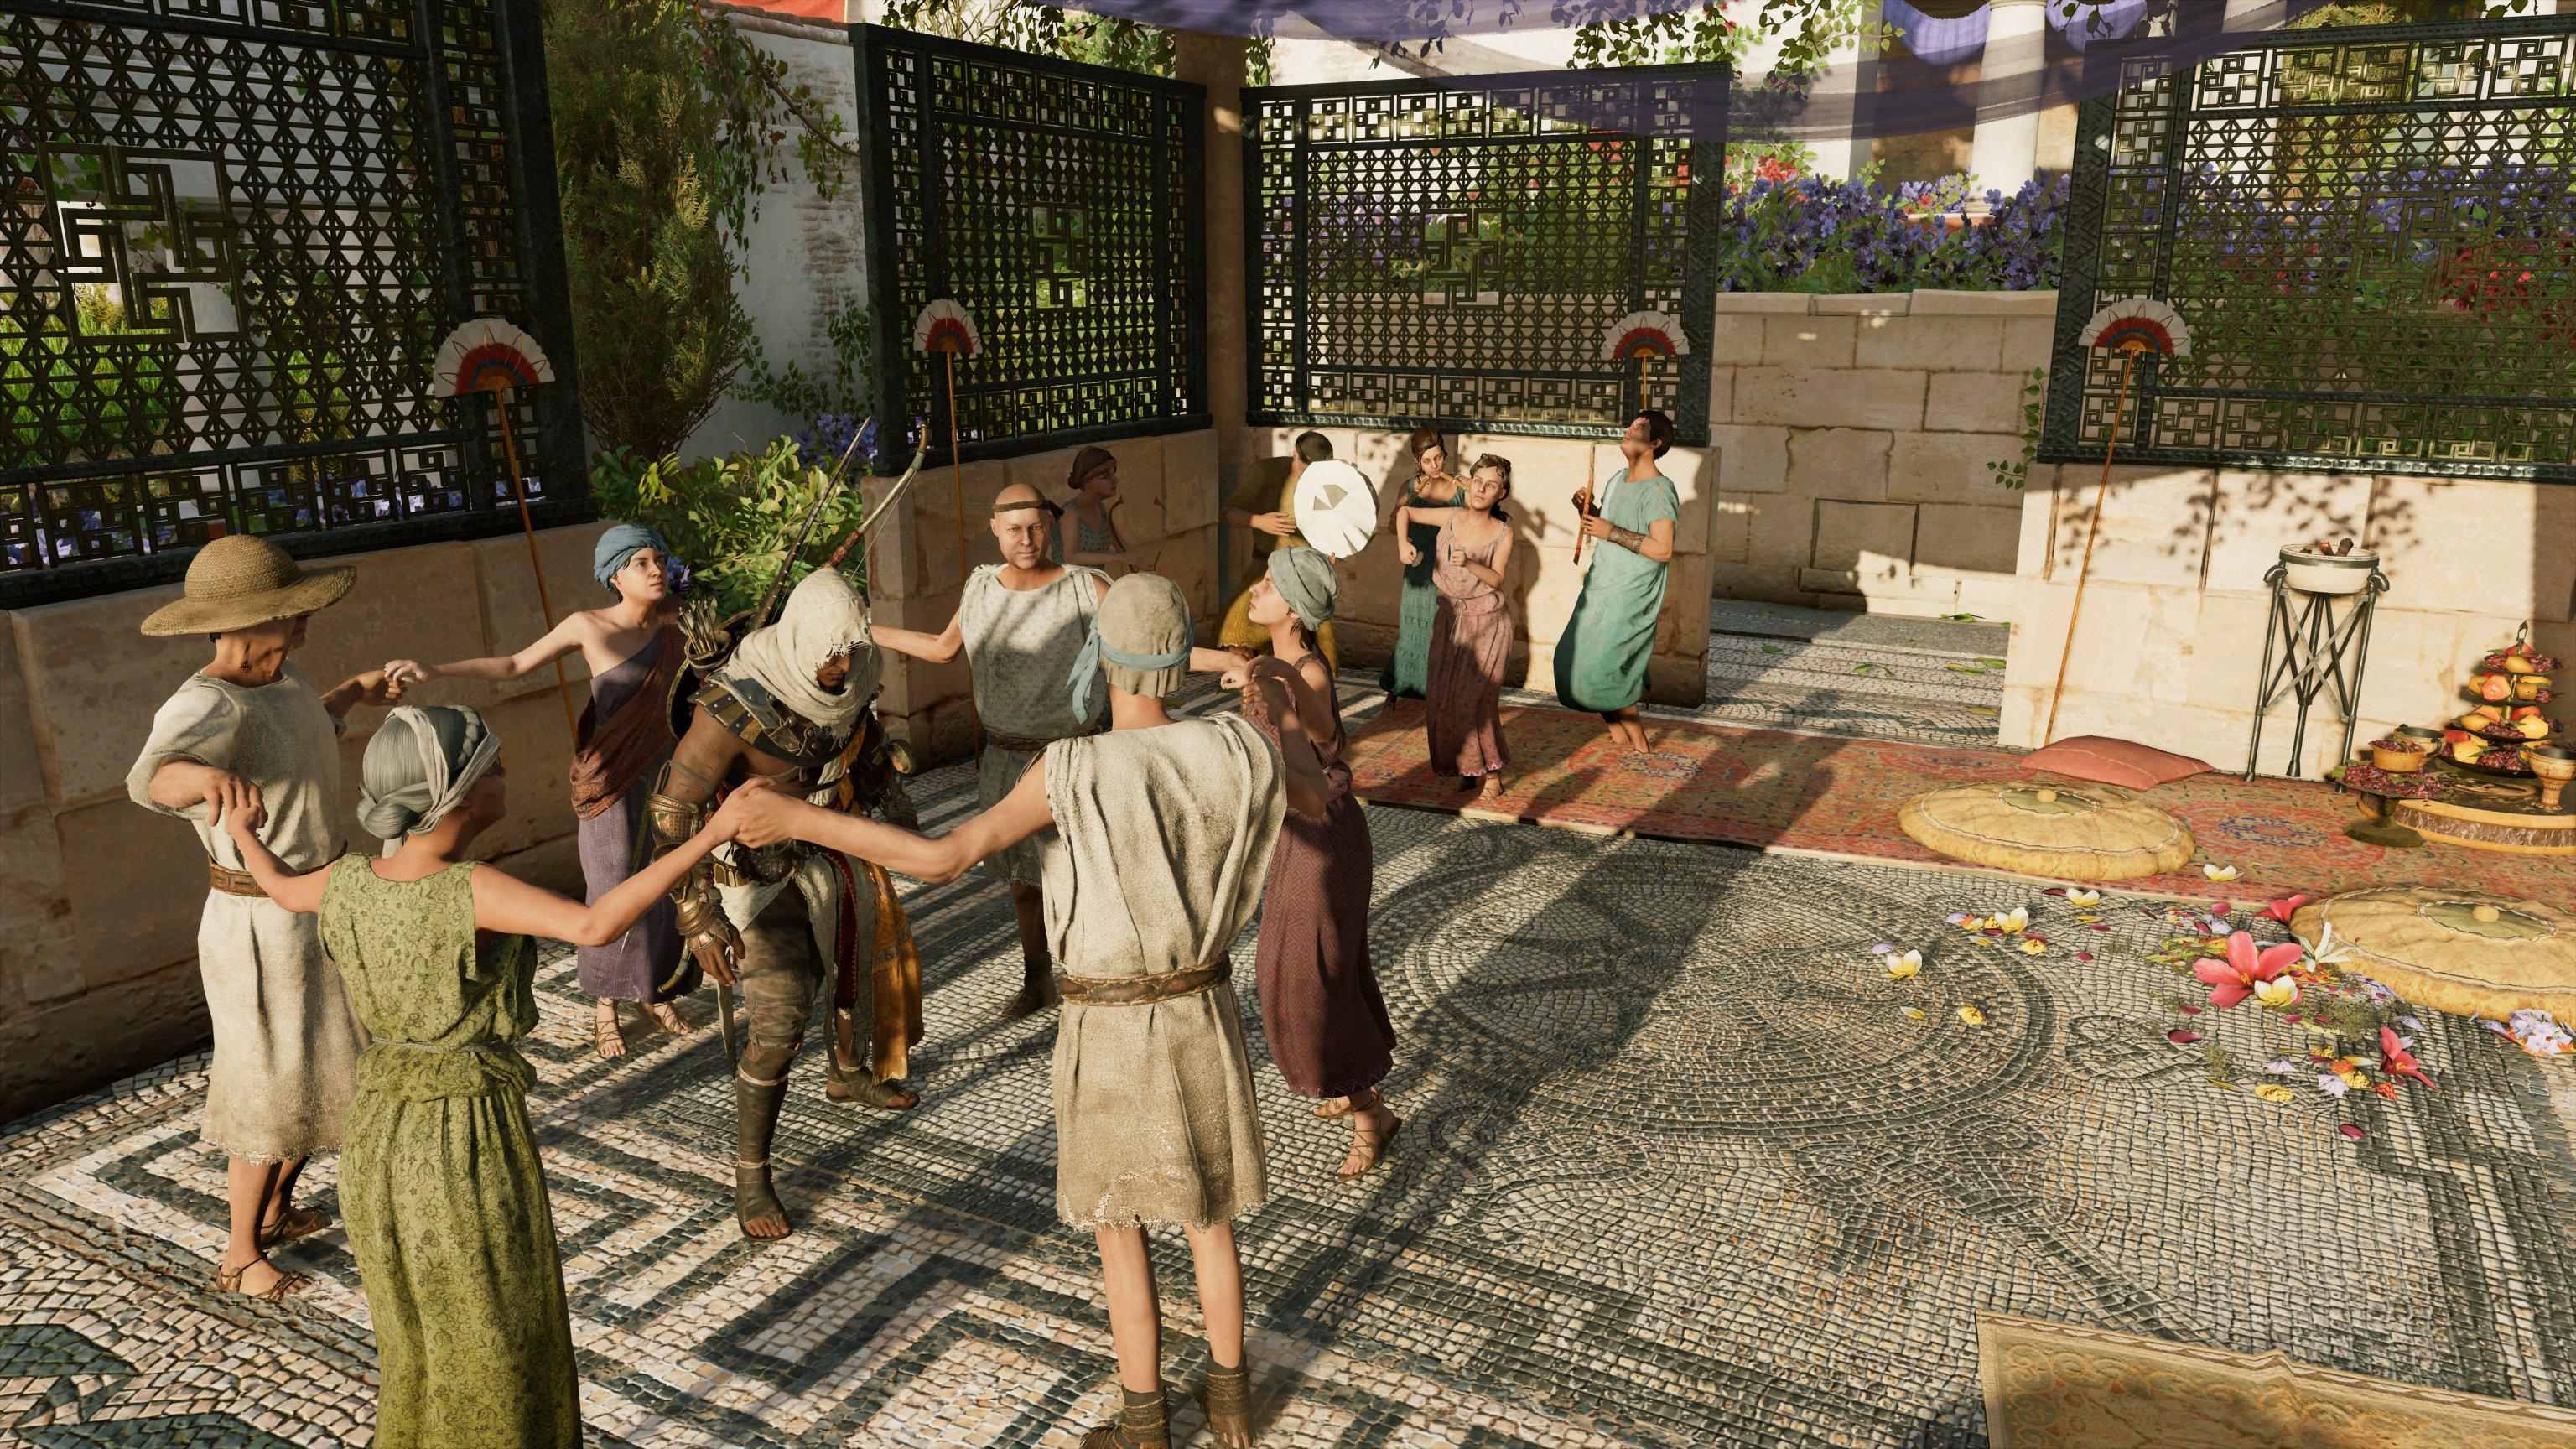 20171217084718.jpg - Assassin's Creed: Origins